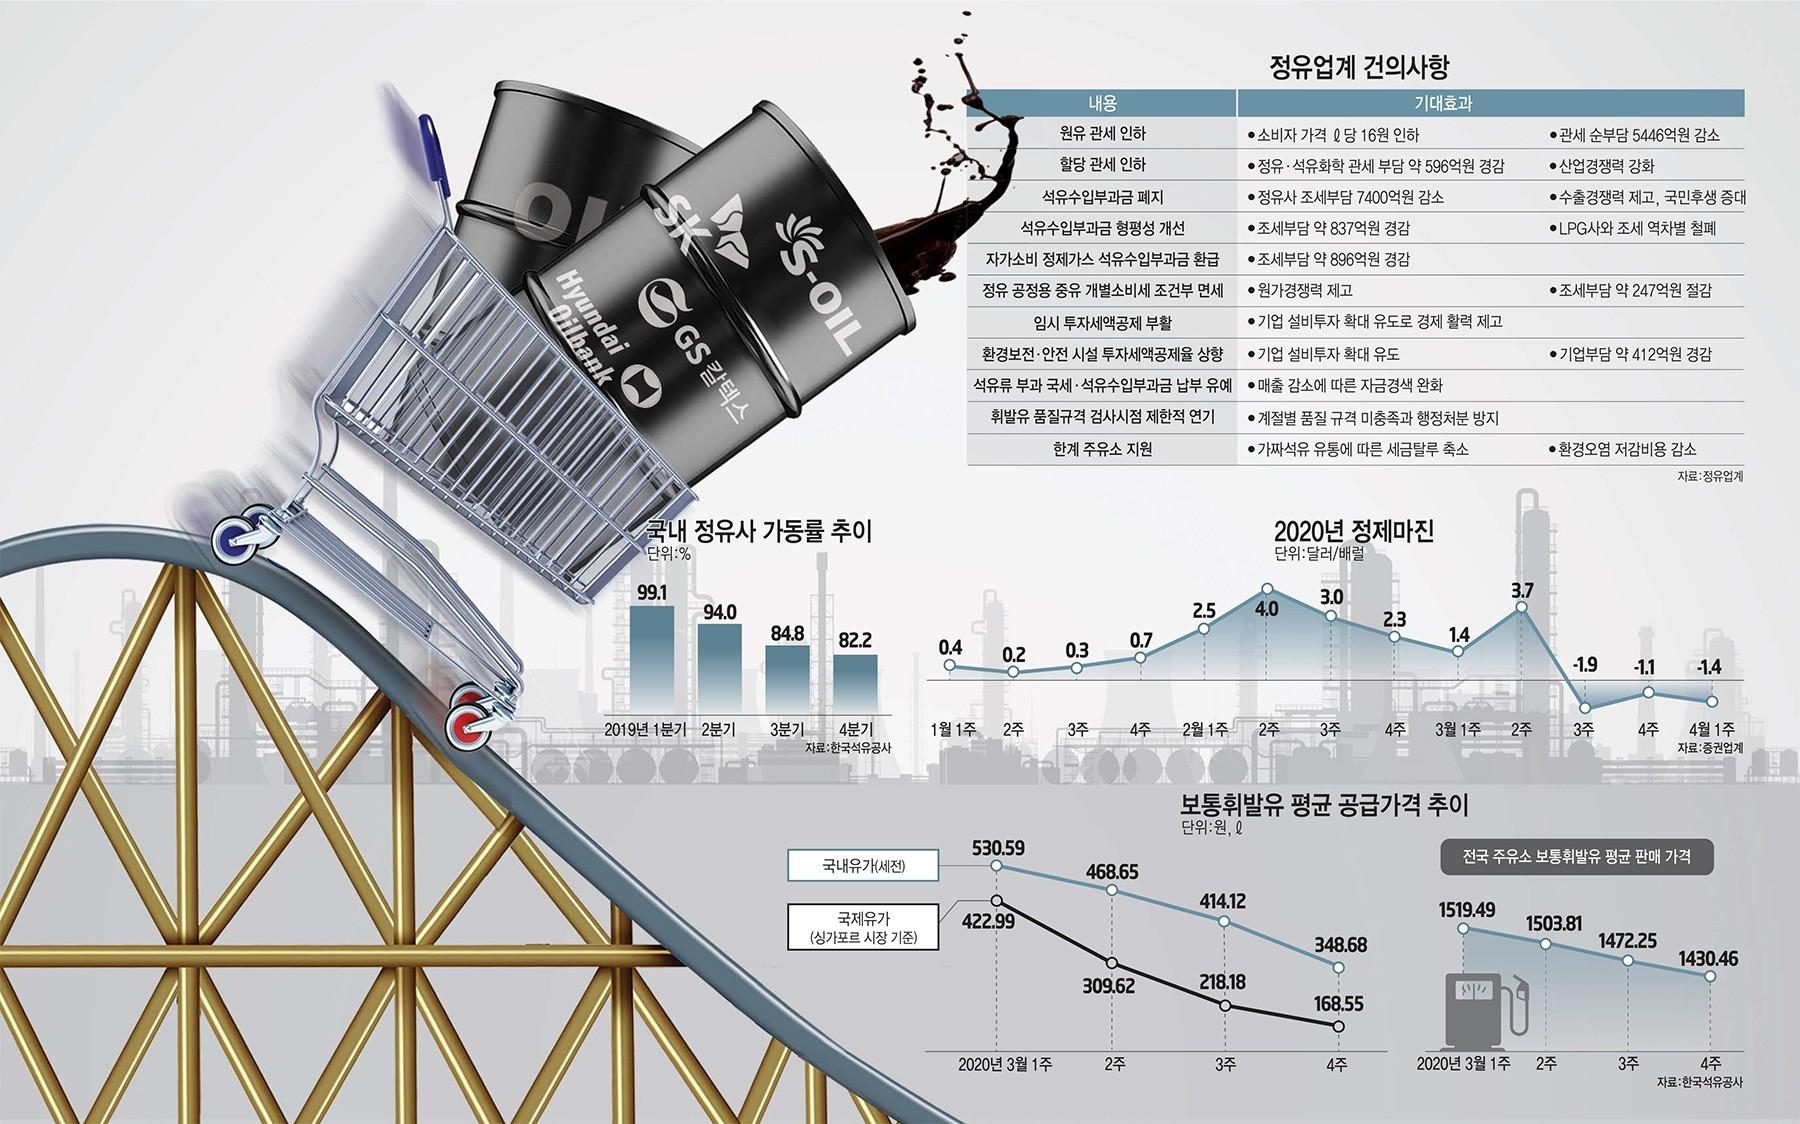 [이슈분석] '최악 위기' 정유업계, 활로 찾기 사활